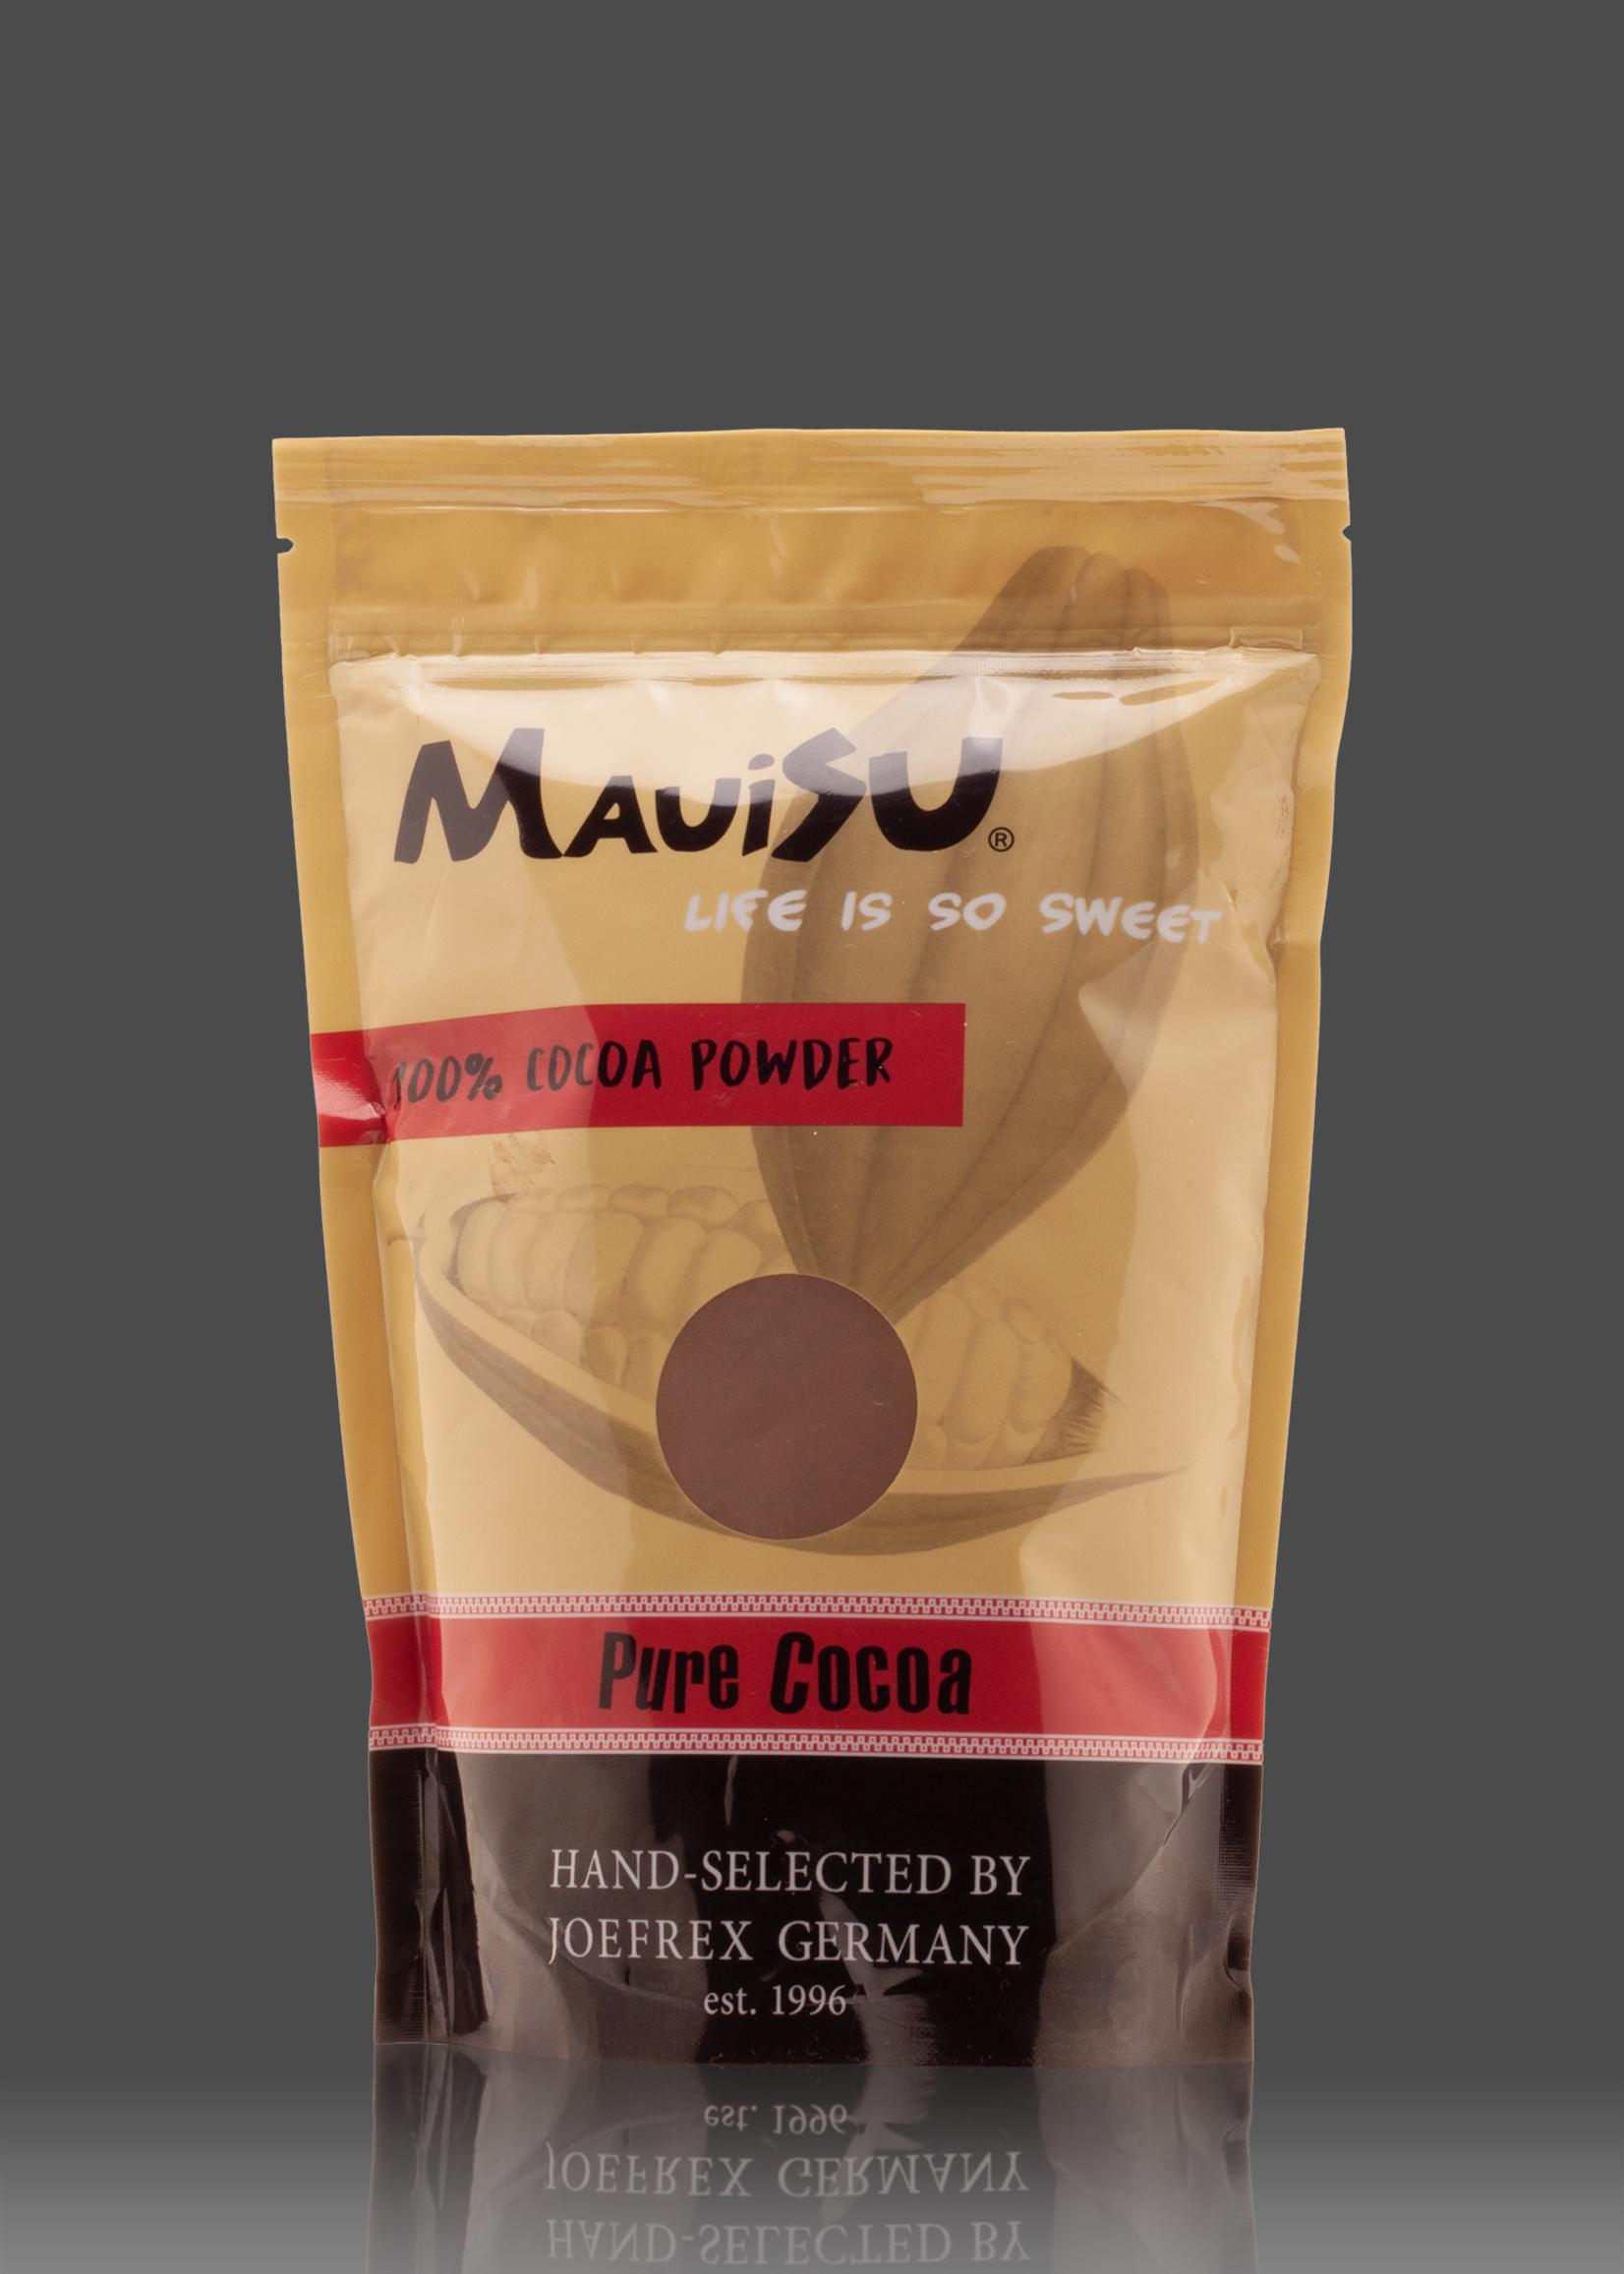 MauiSU 100% Kakaopulver ohne Zucker